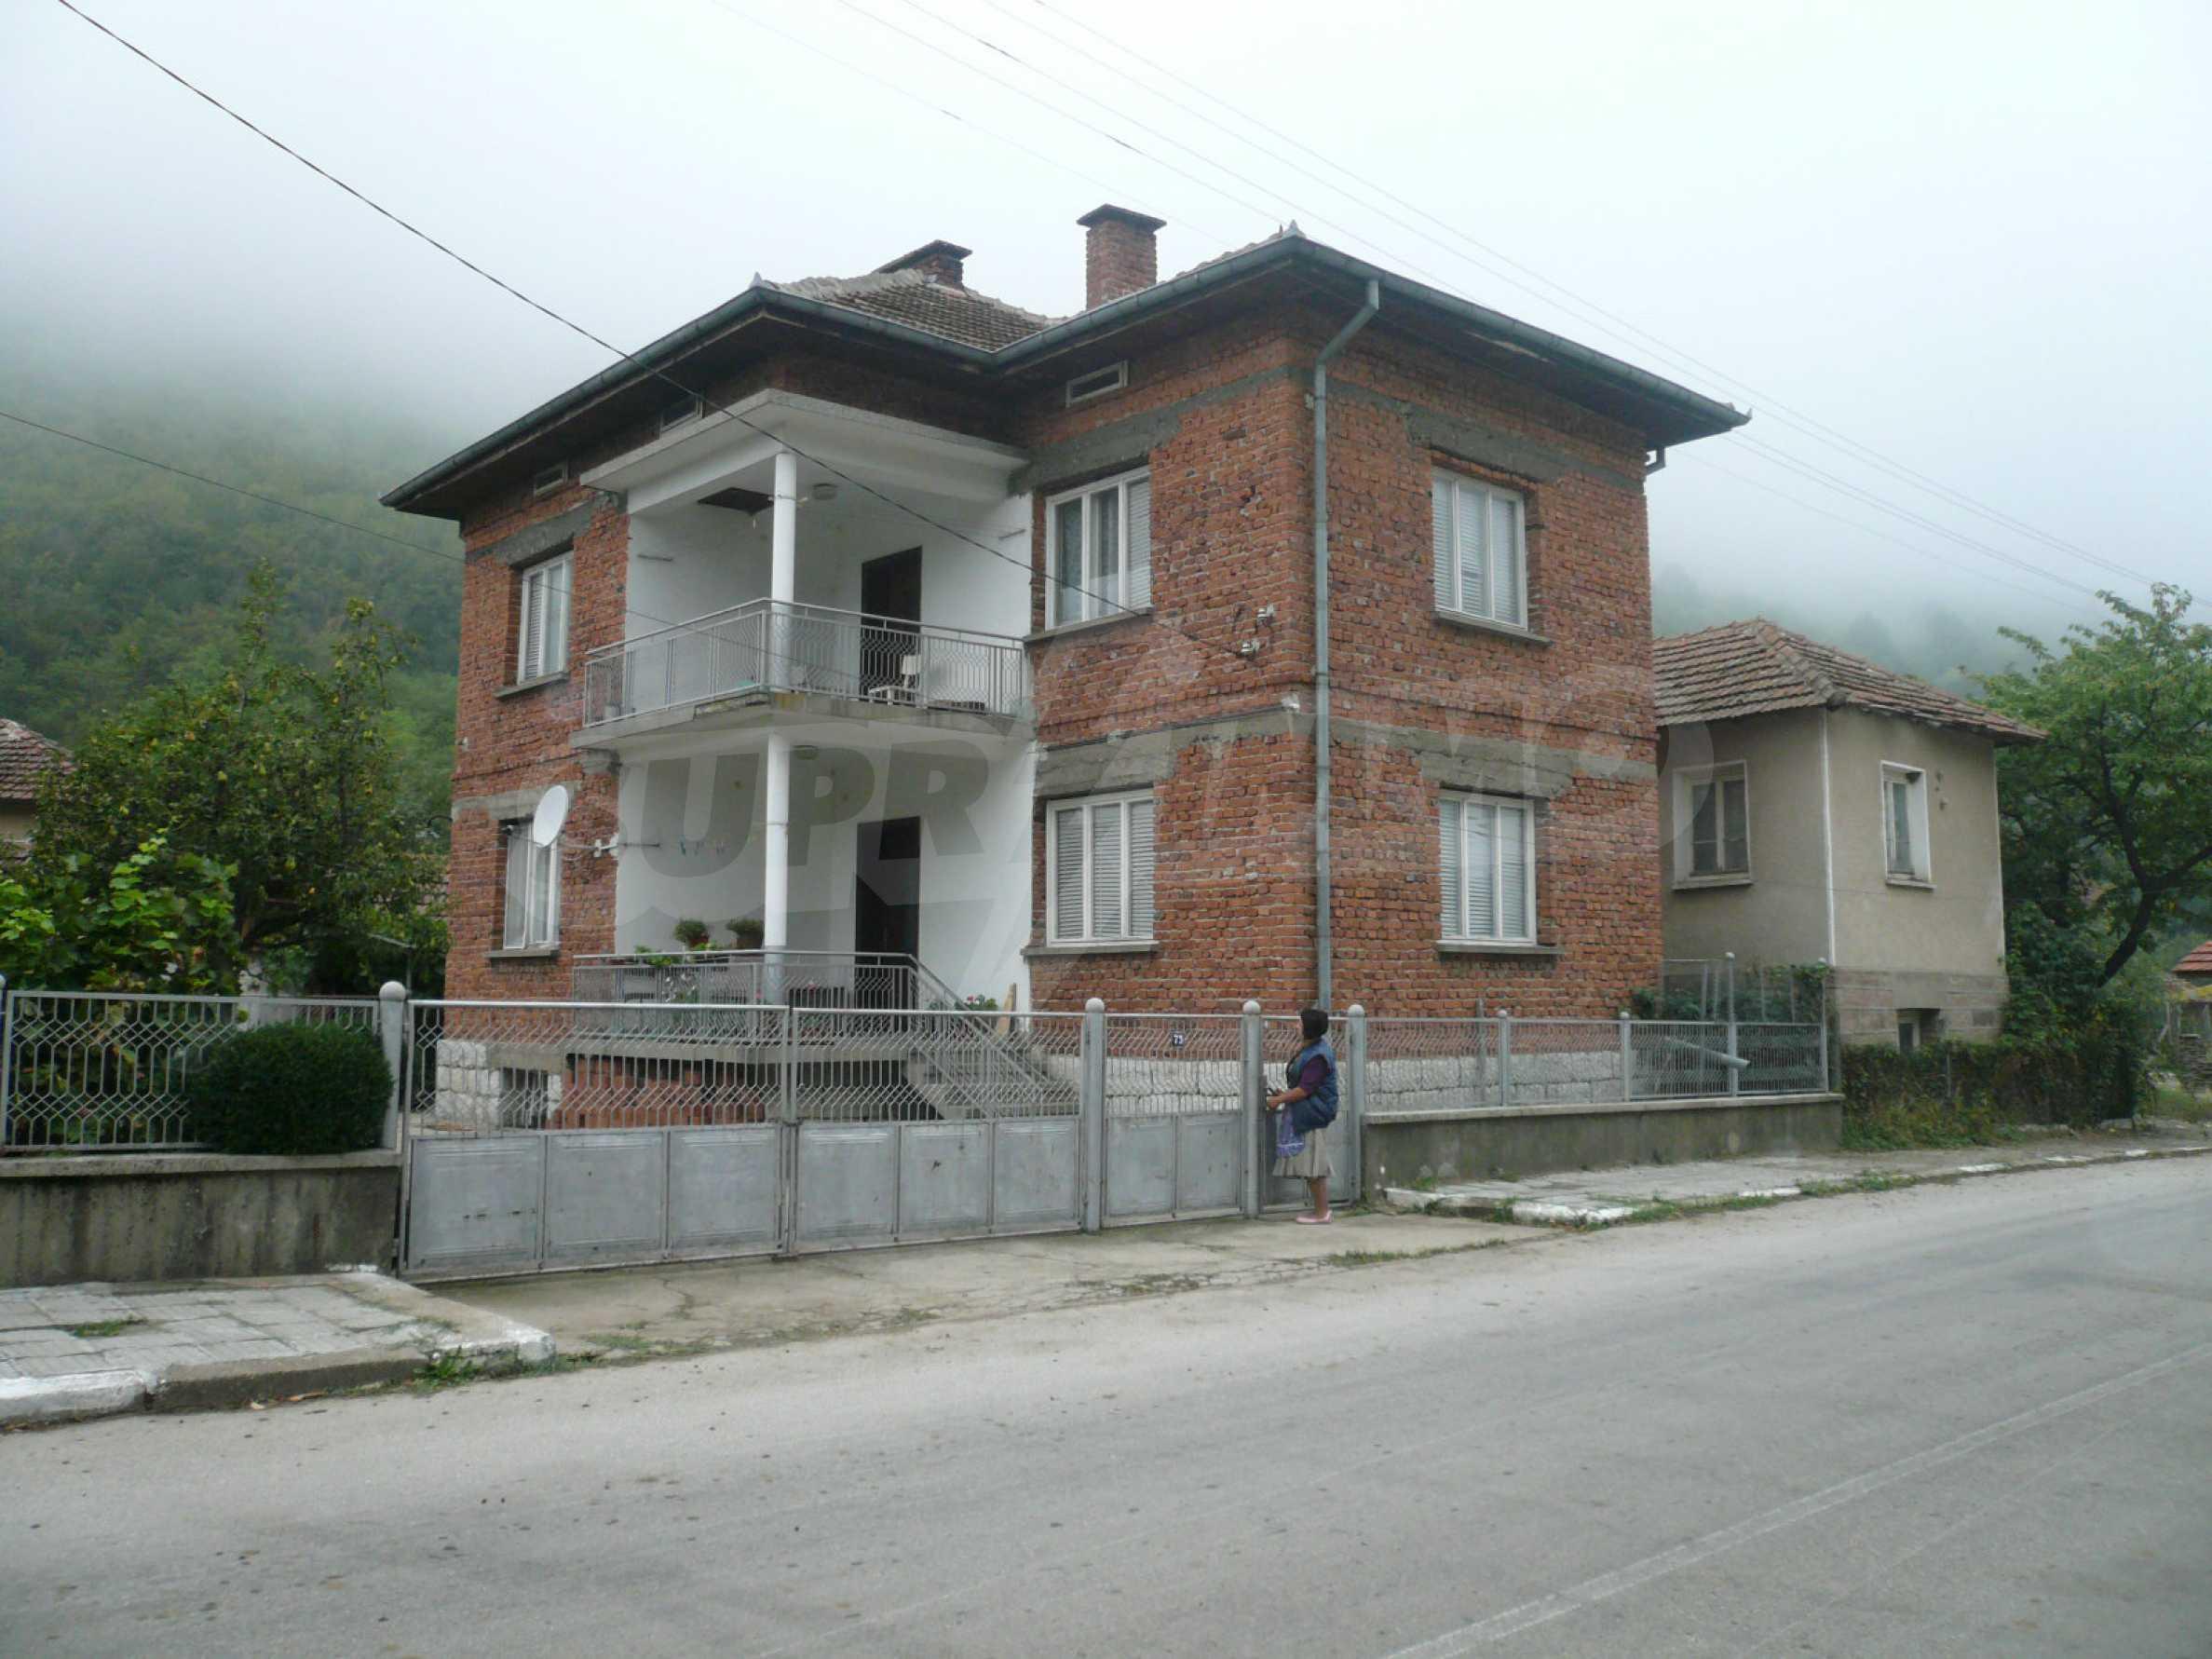 Wunderschönes massives Haus 27 km von Belogradchik entfernt 1